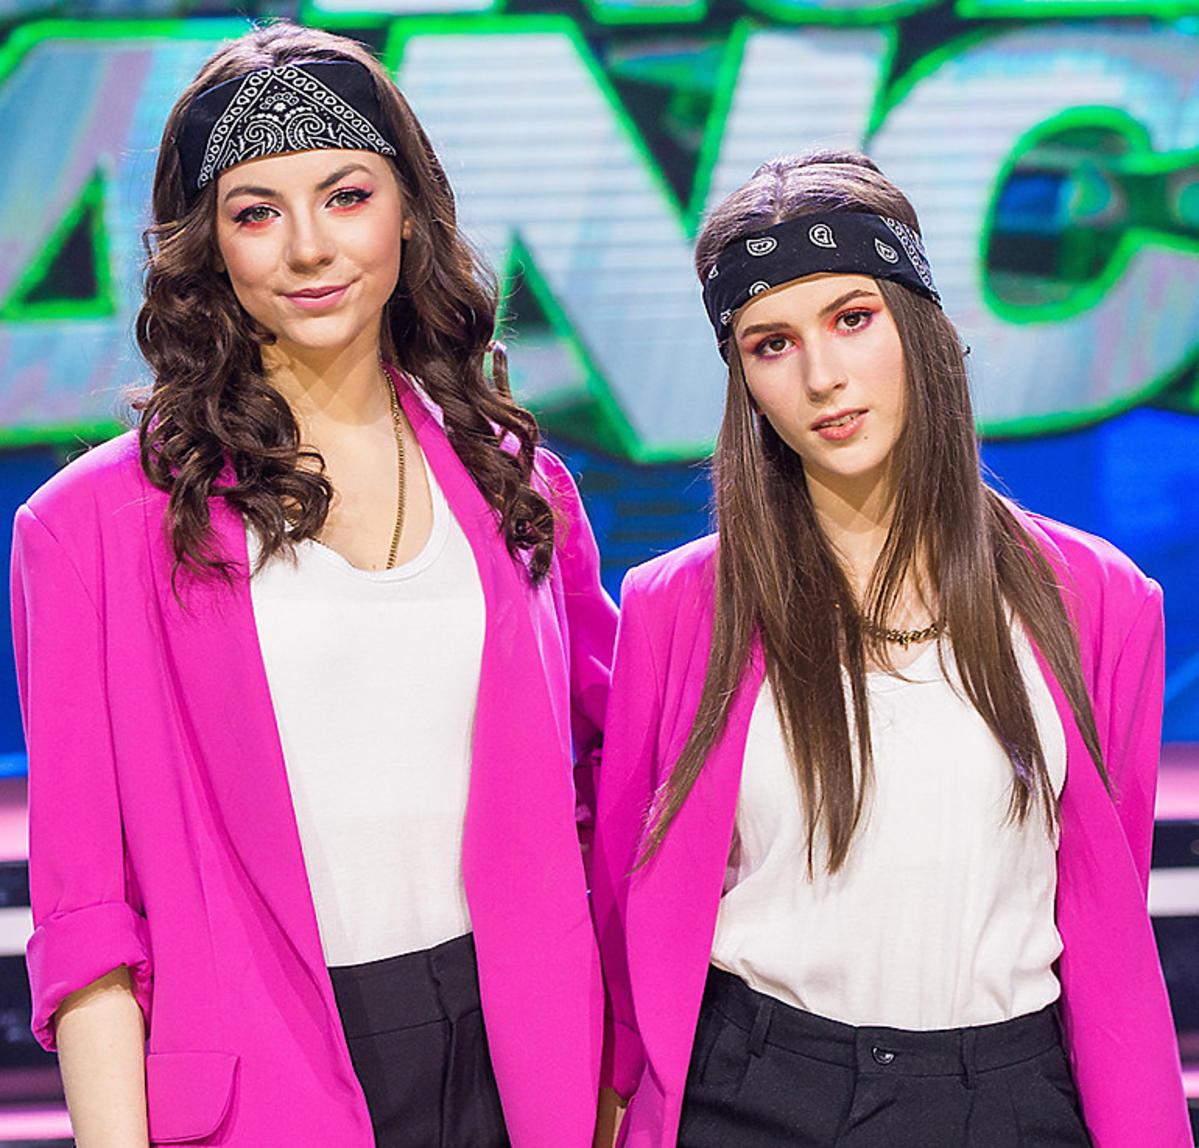 Roxie Węgiel i Oliwia Górniak w Dance Dance Dance